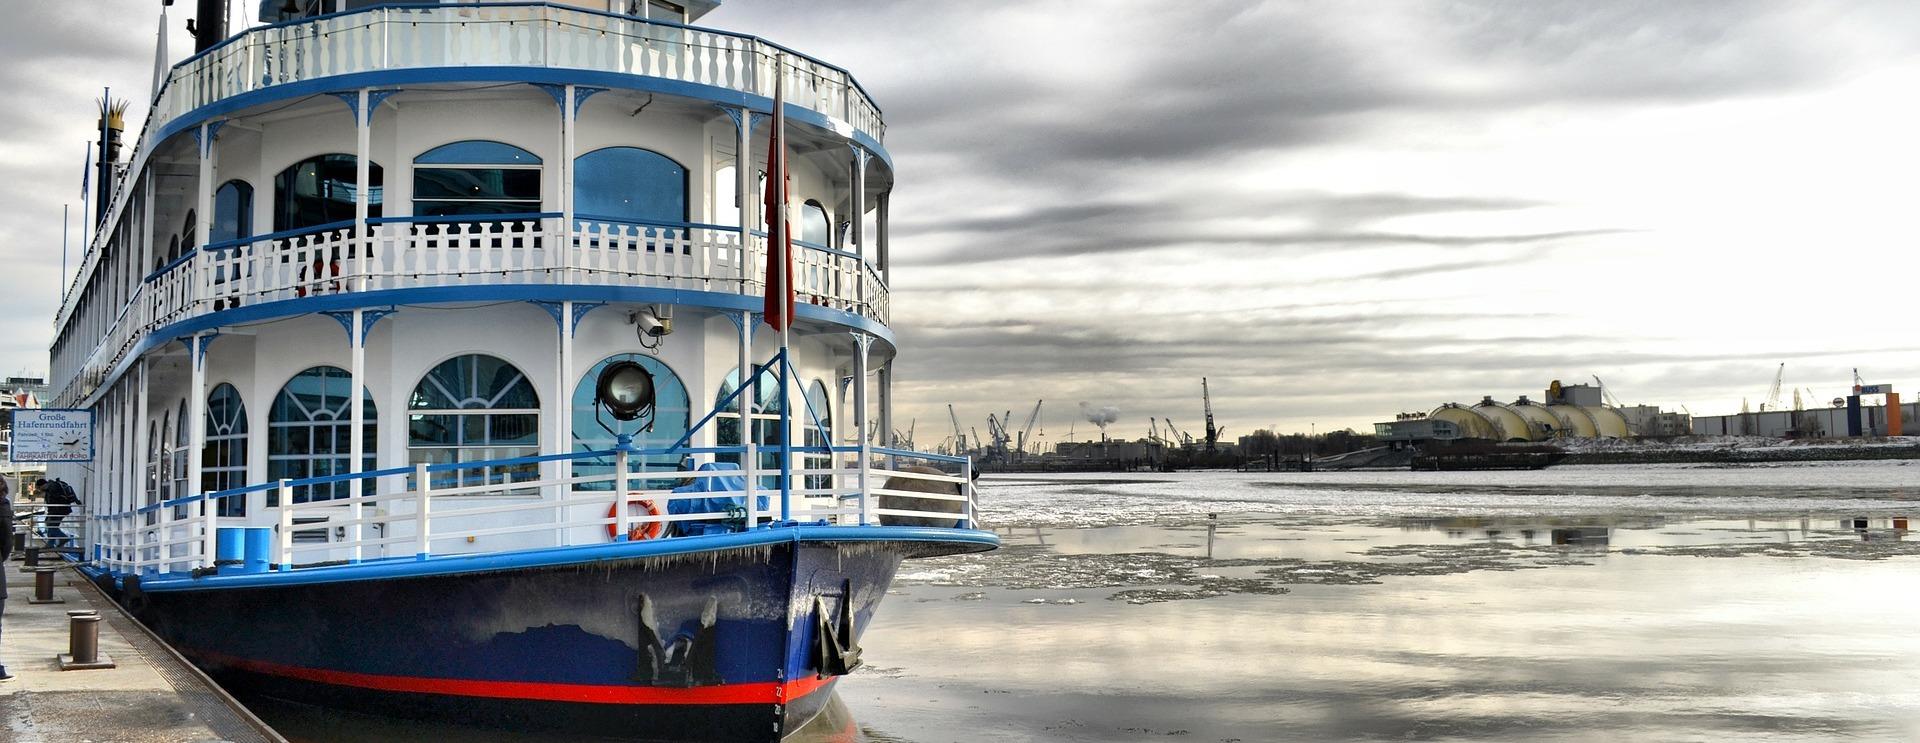 ОСК приостановила переезд в Санкт-Петербург из-за коронавируса